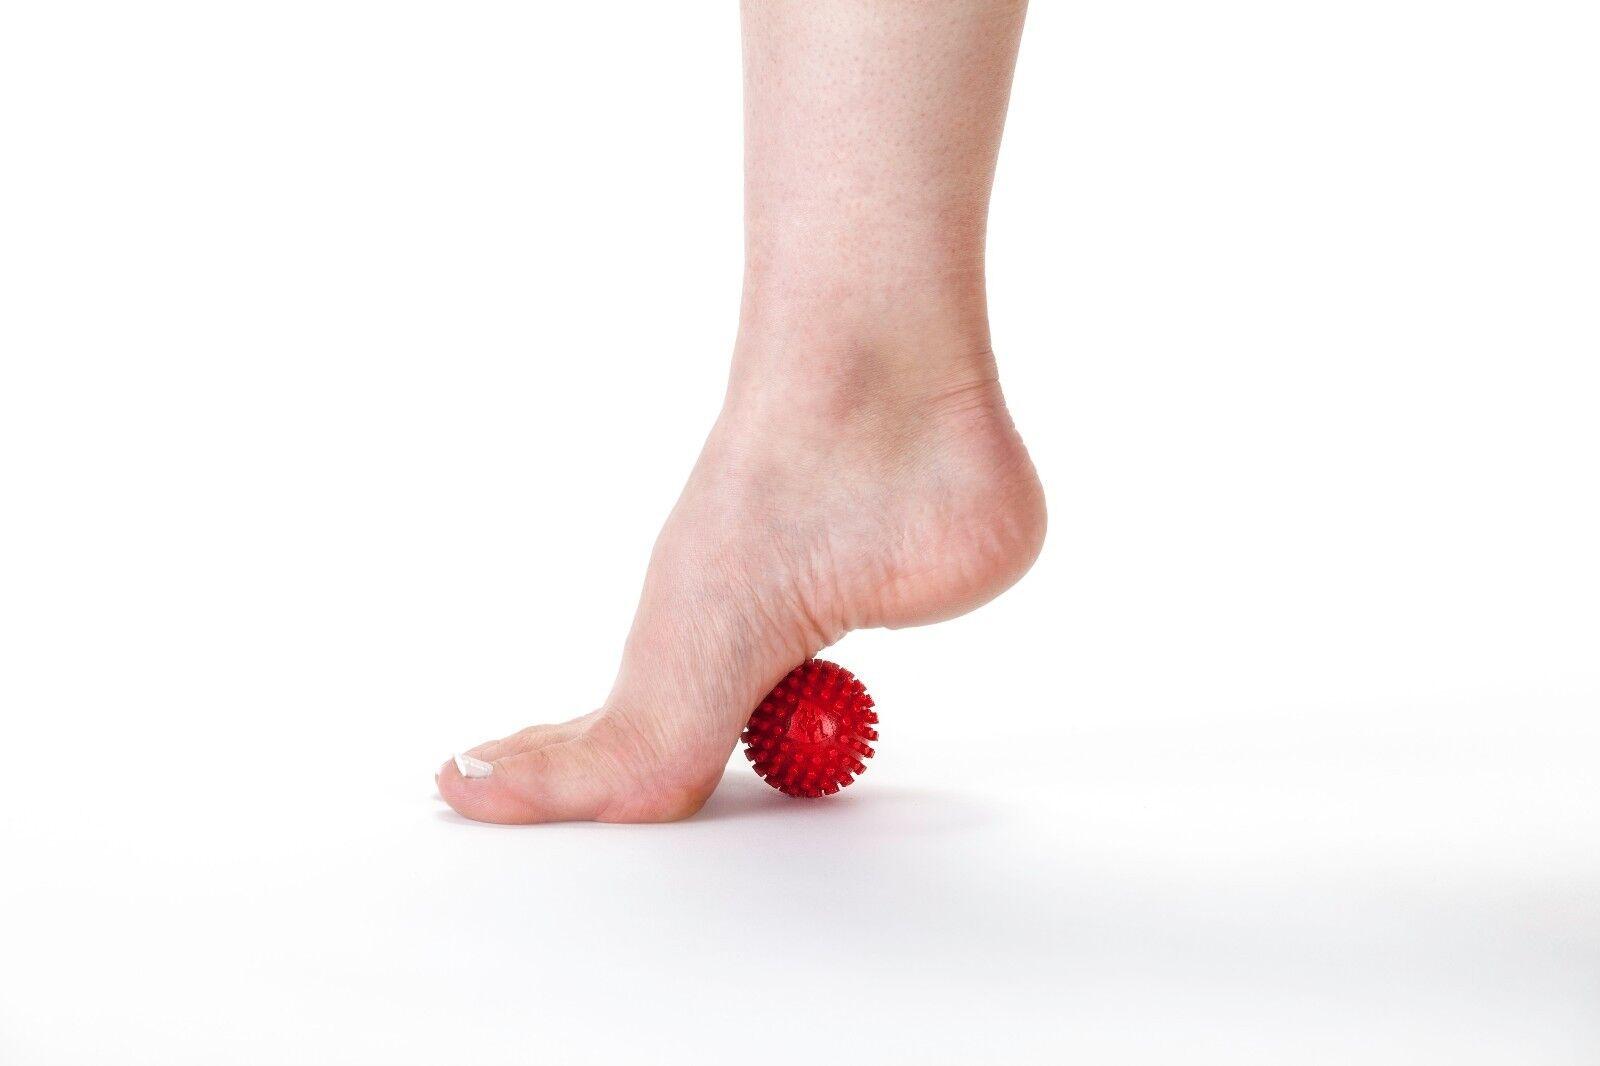 как выглядит Ортопедические стельки Plantar Fasciitis Massage Ball фото